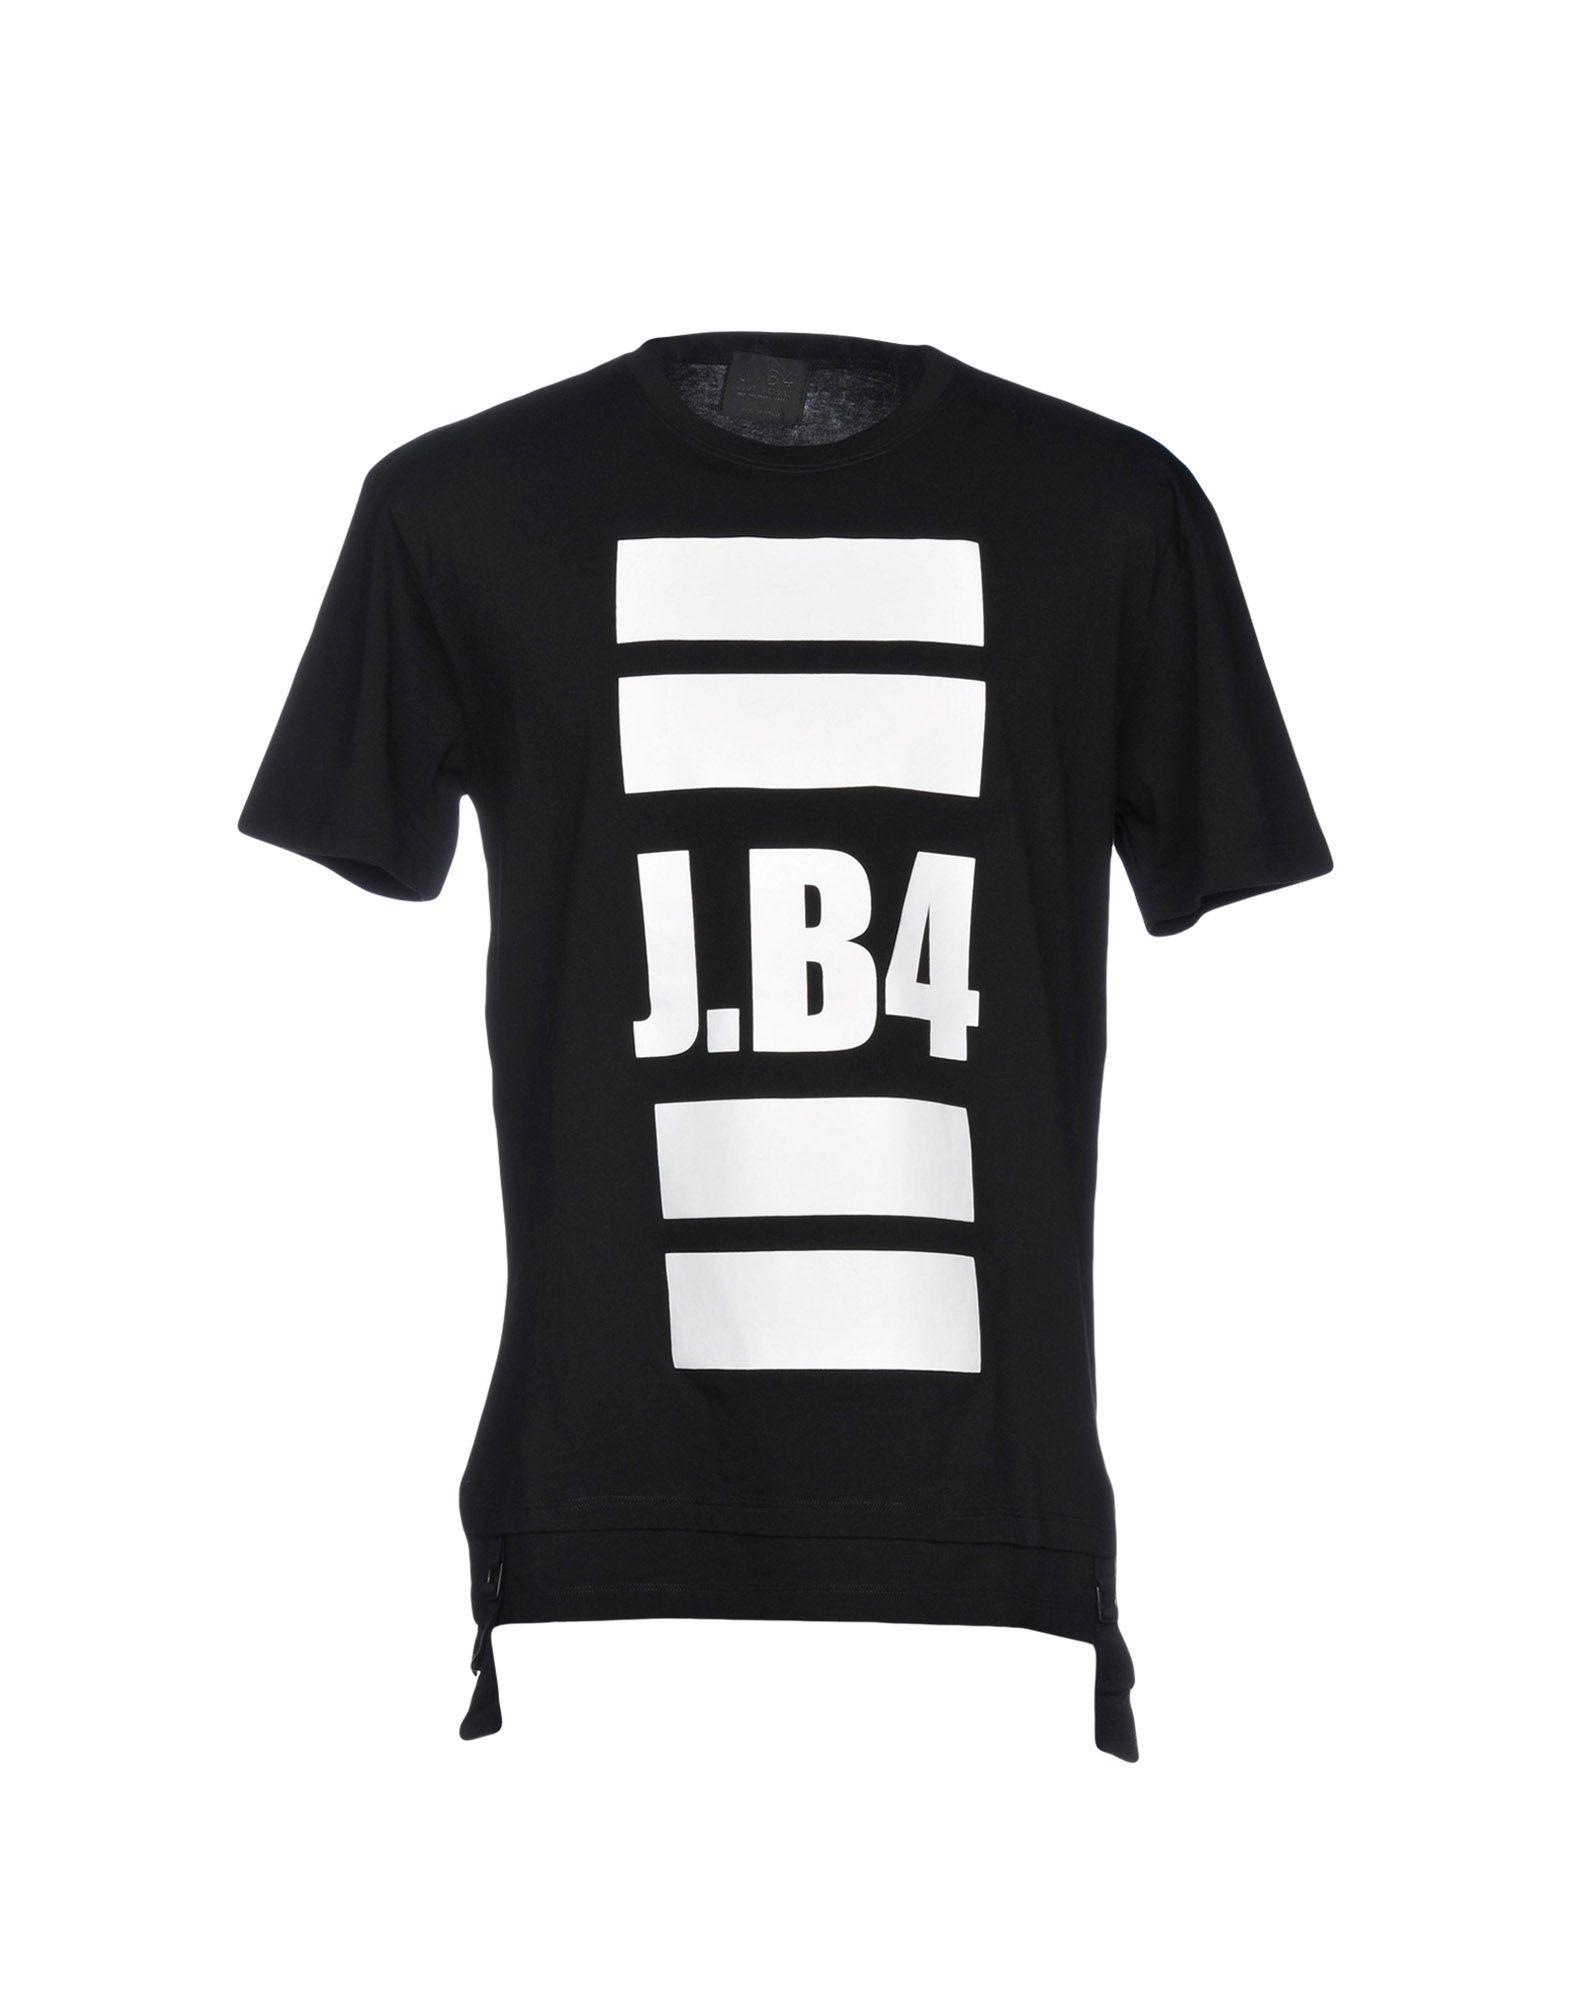 J·B4 JUST BEFORE Футболка видеоигра для ps4 just dance 2018